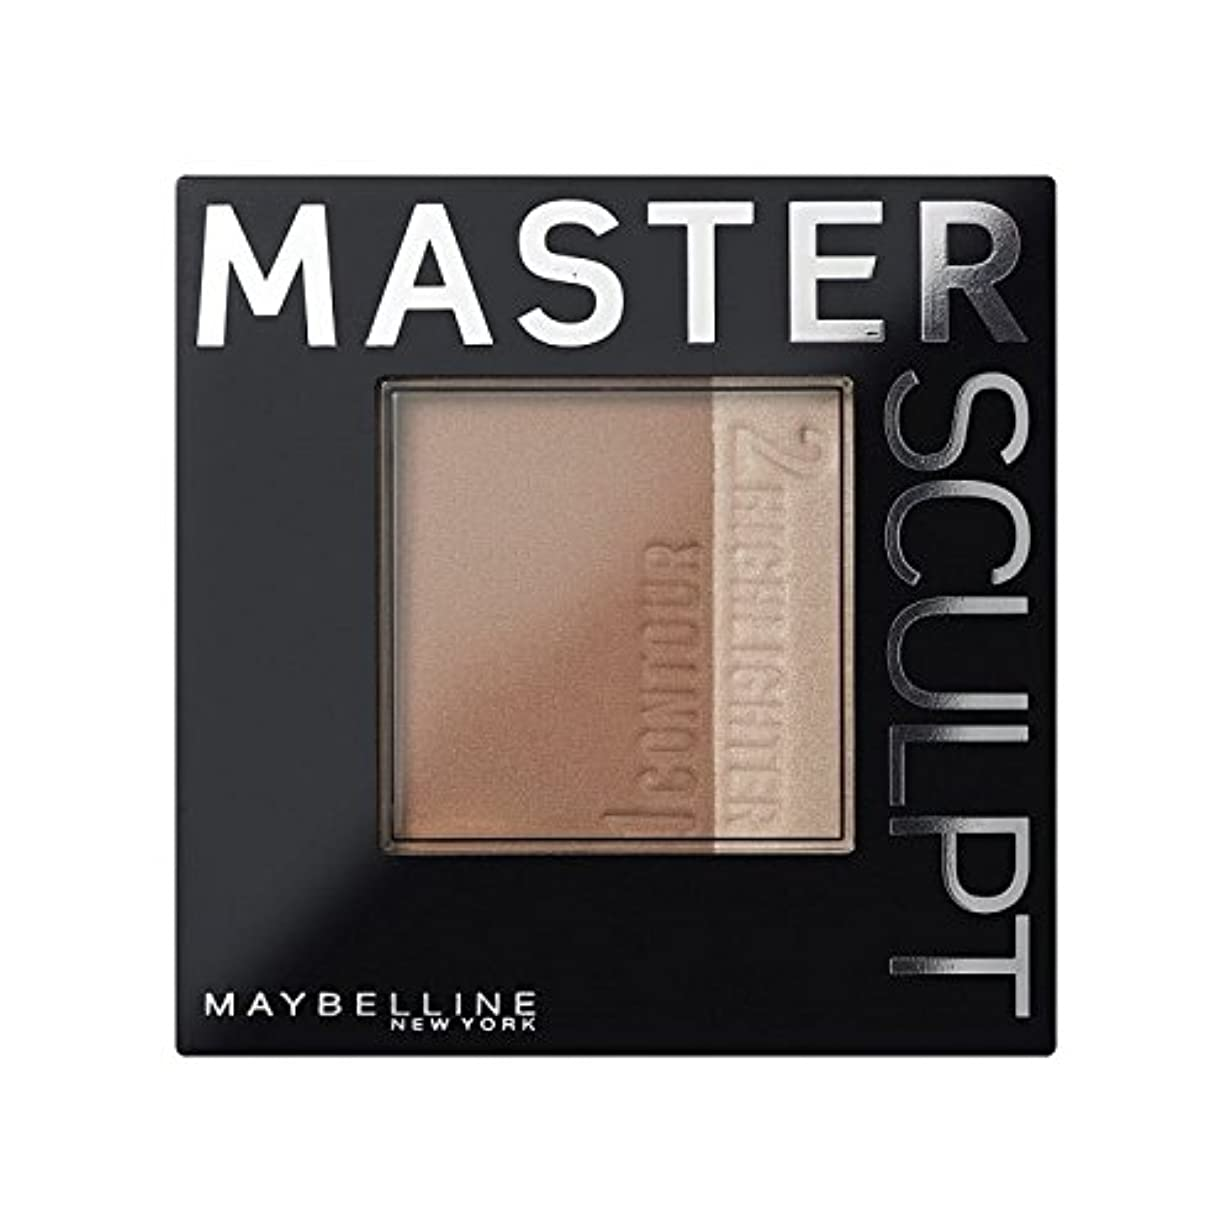 腫瘍厳賄賂Maybelline Master Sculpt Contouring Foundation 02 Med/Dark (Pack of 6) - メイベリンマスタースカルプト基盤02の /暗い輪郭 x6 [並行輸入品]